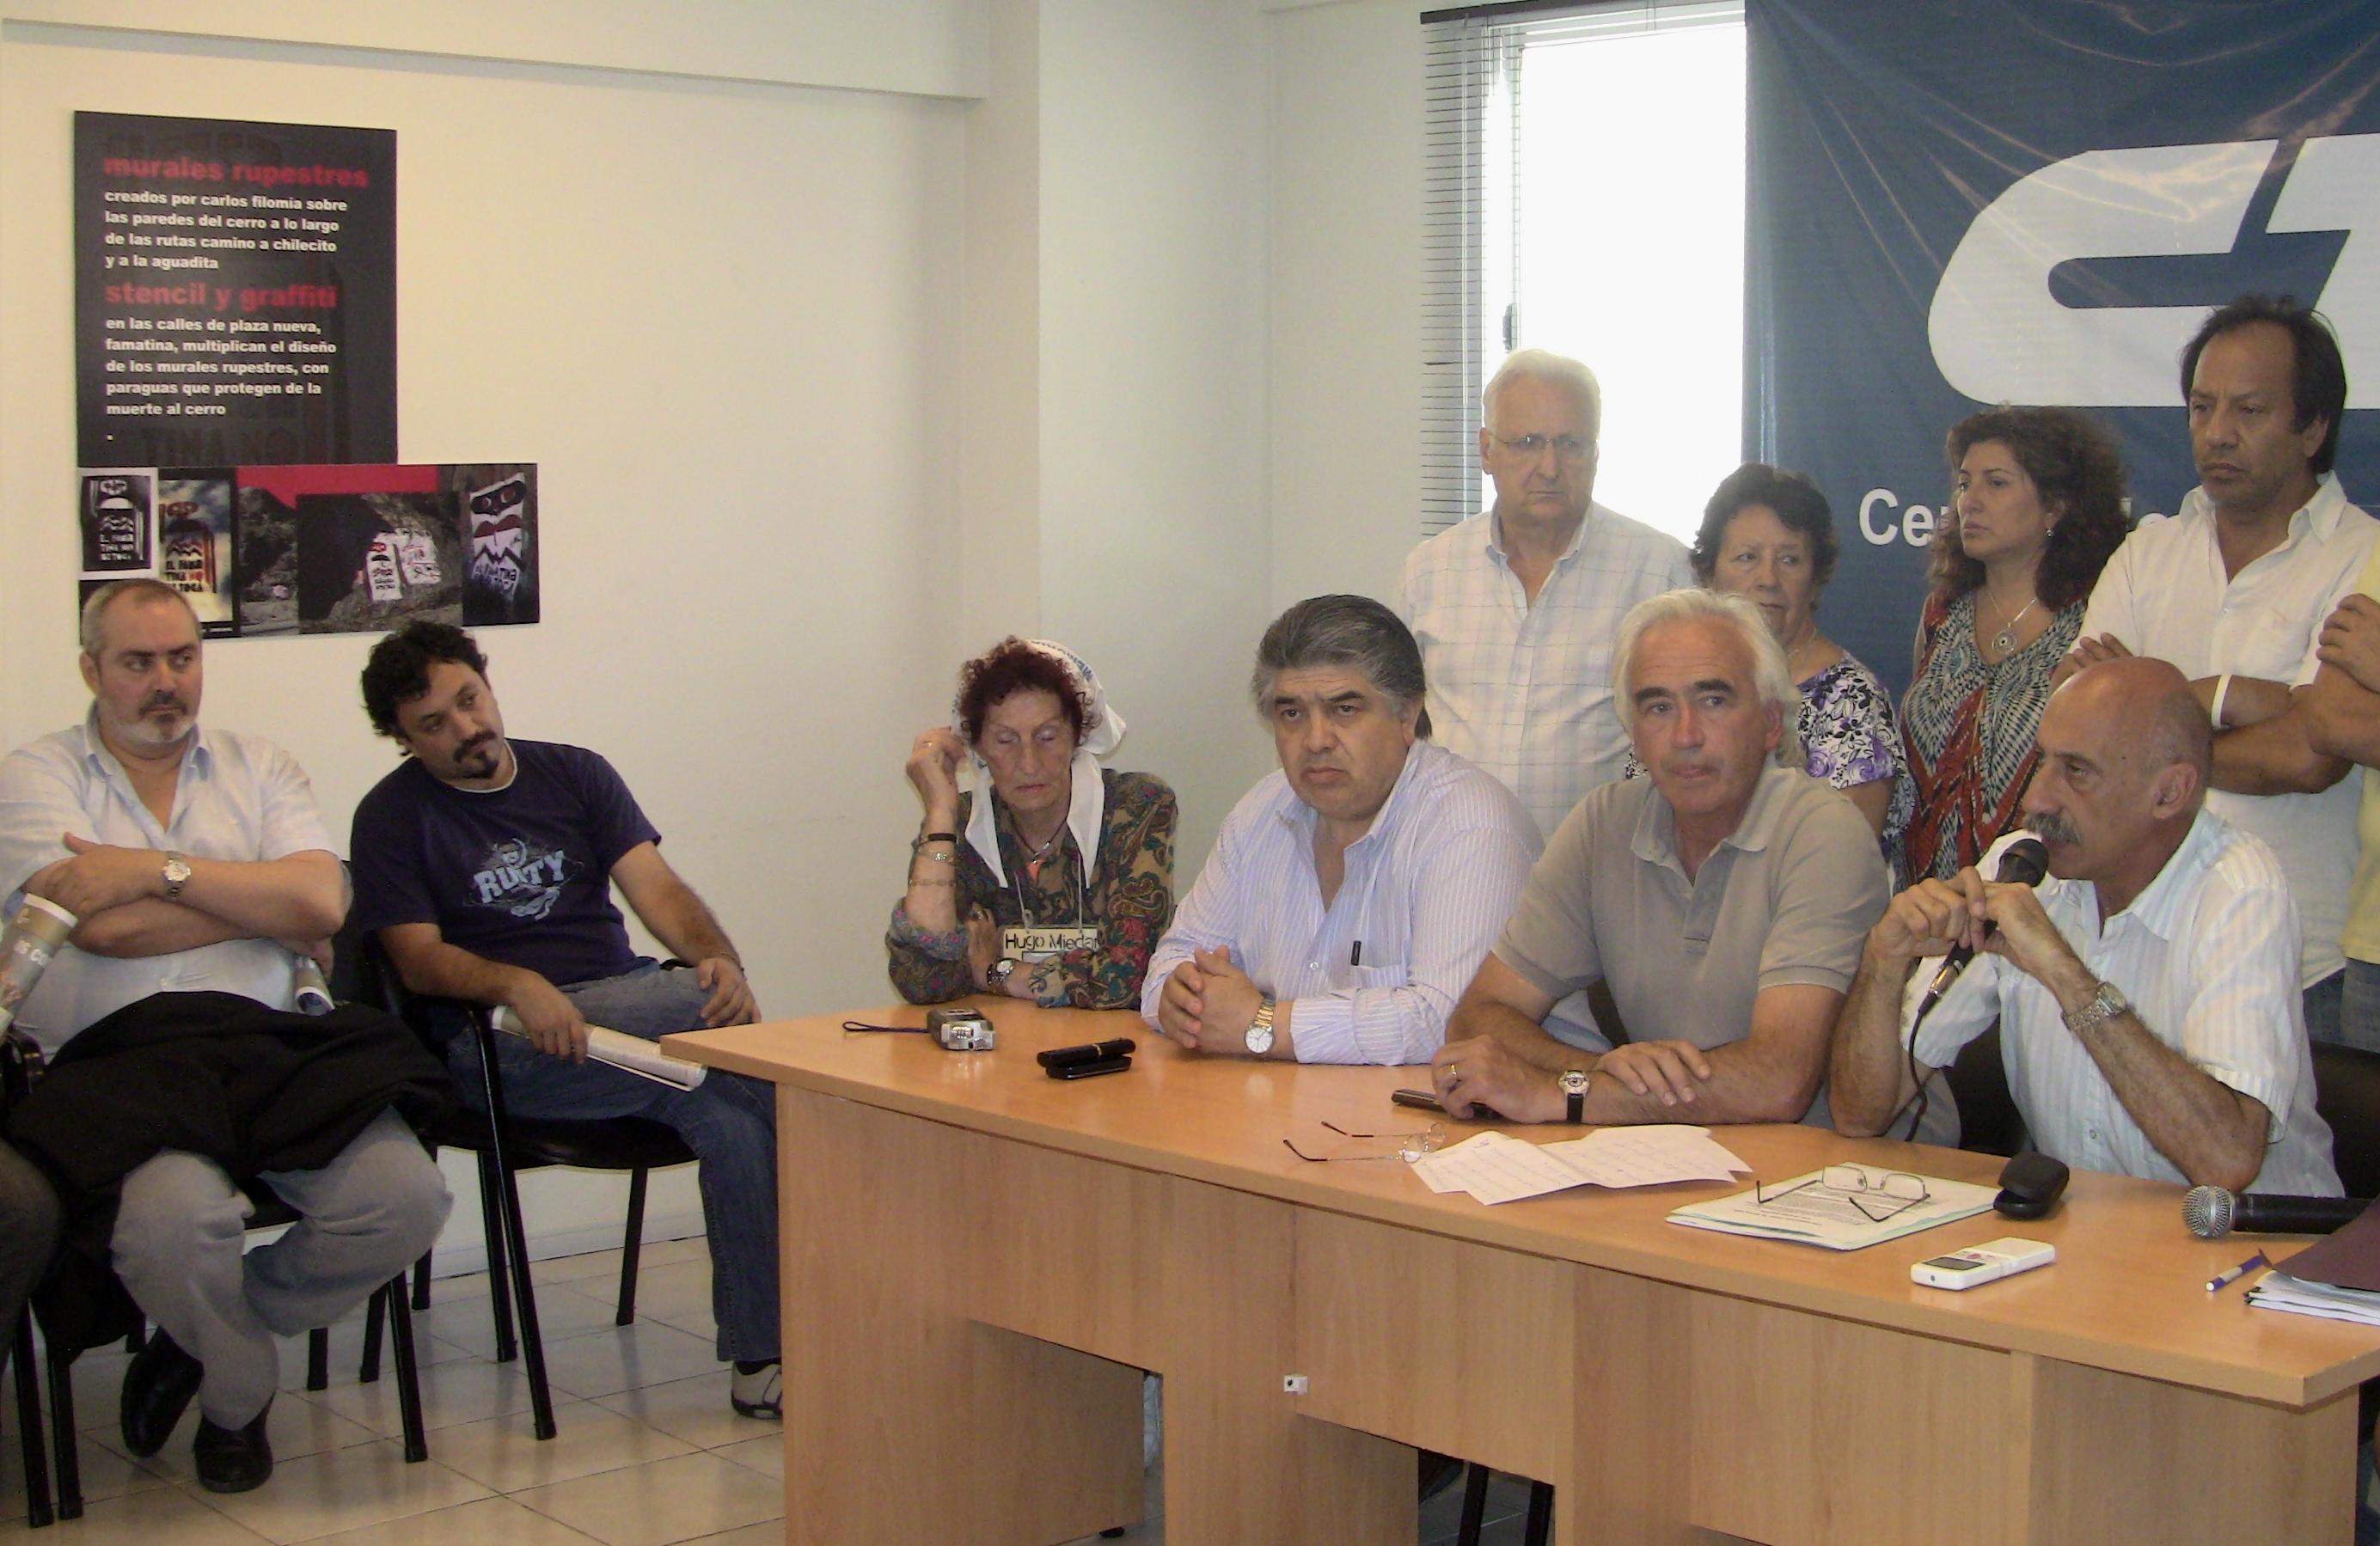 Vilma ripoll y el diputado alejandro bodart mst en proyecto sur participaron hoy en la conferencia de prensa en la cta nacional y ma ana estar n en la